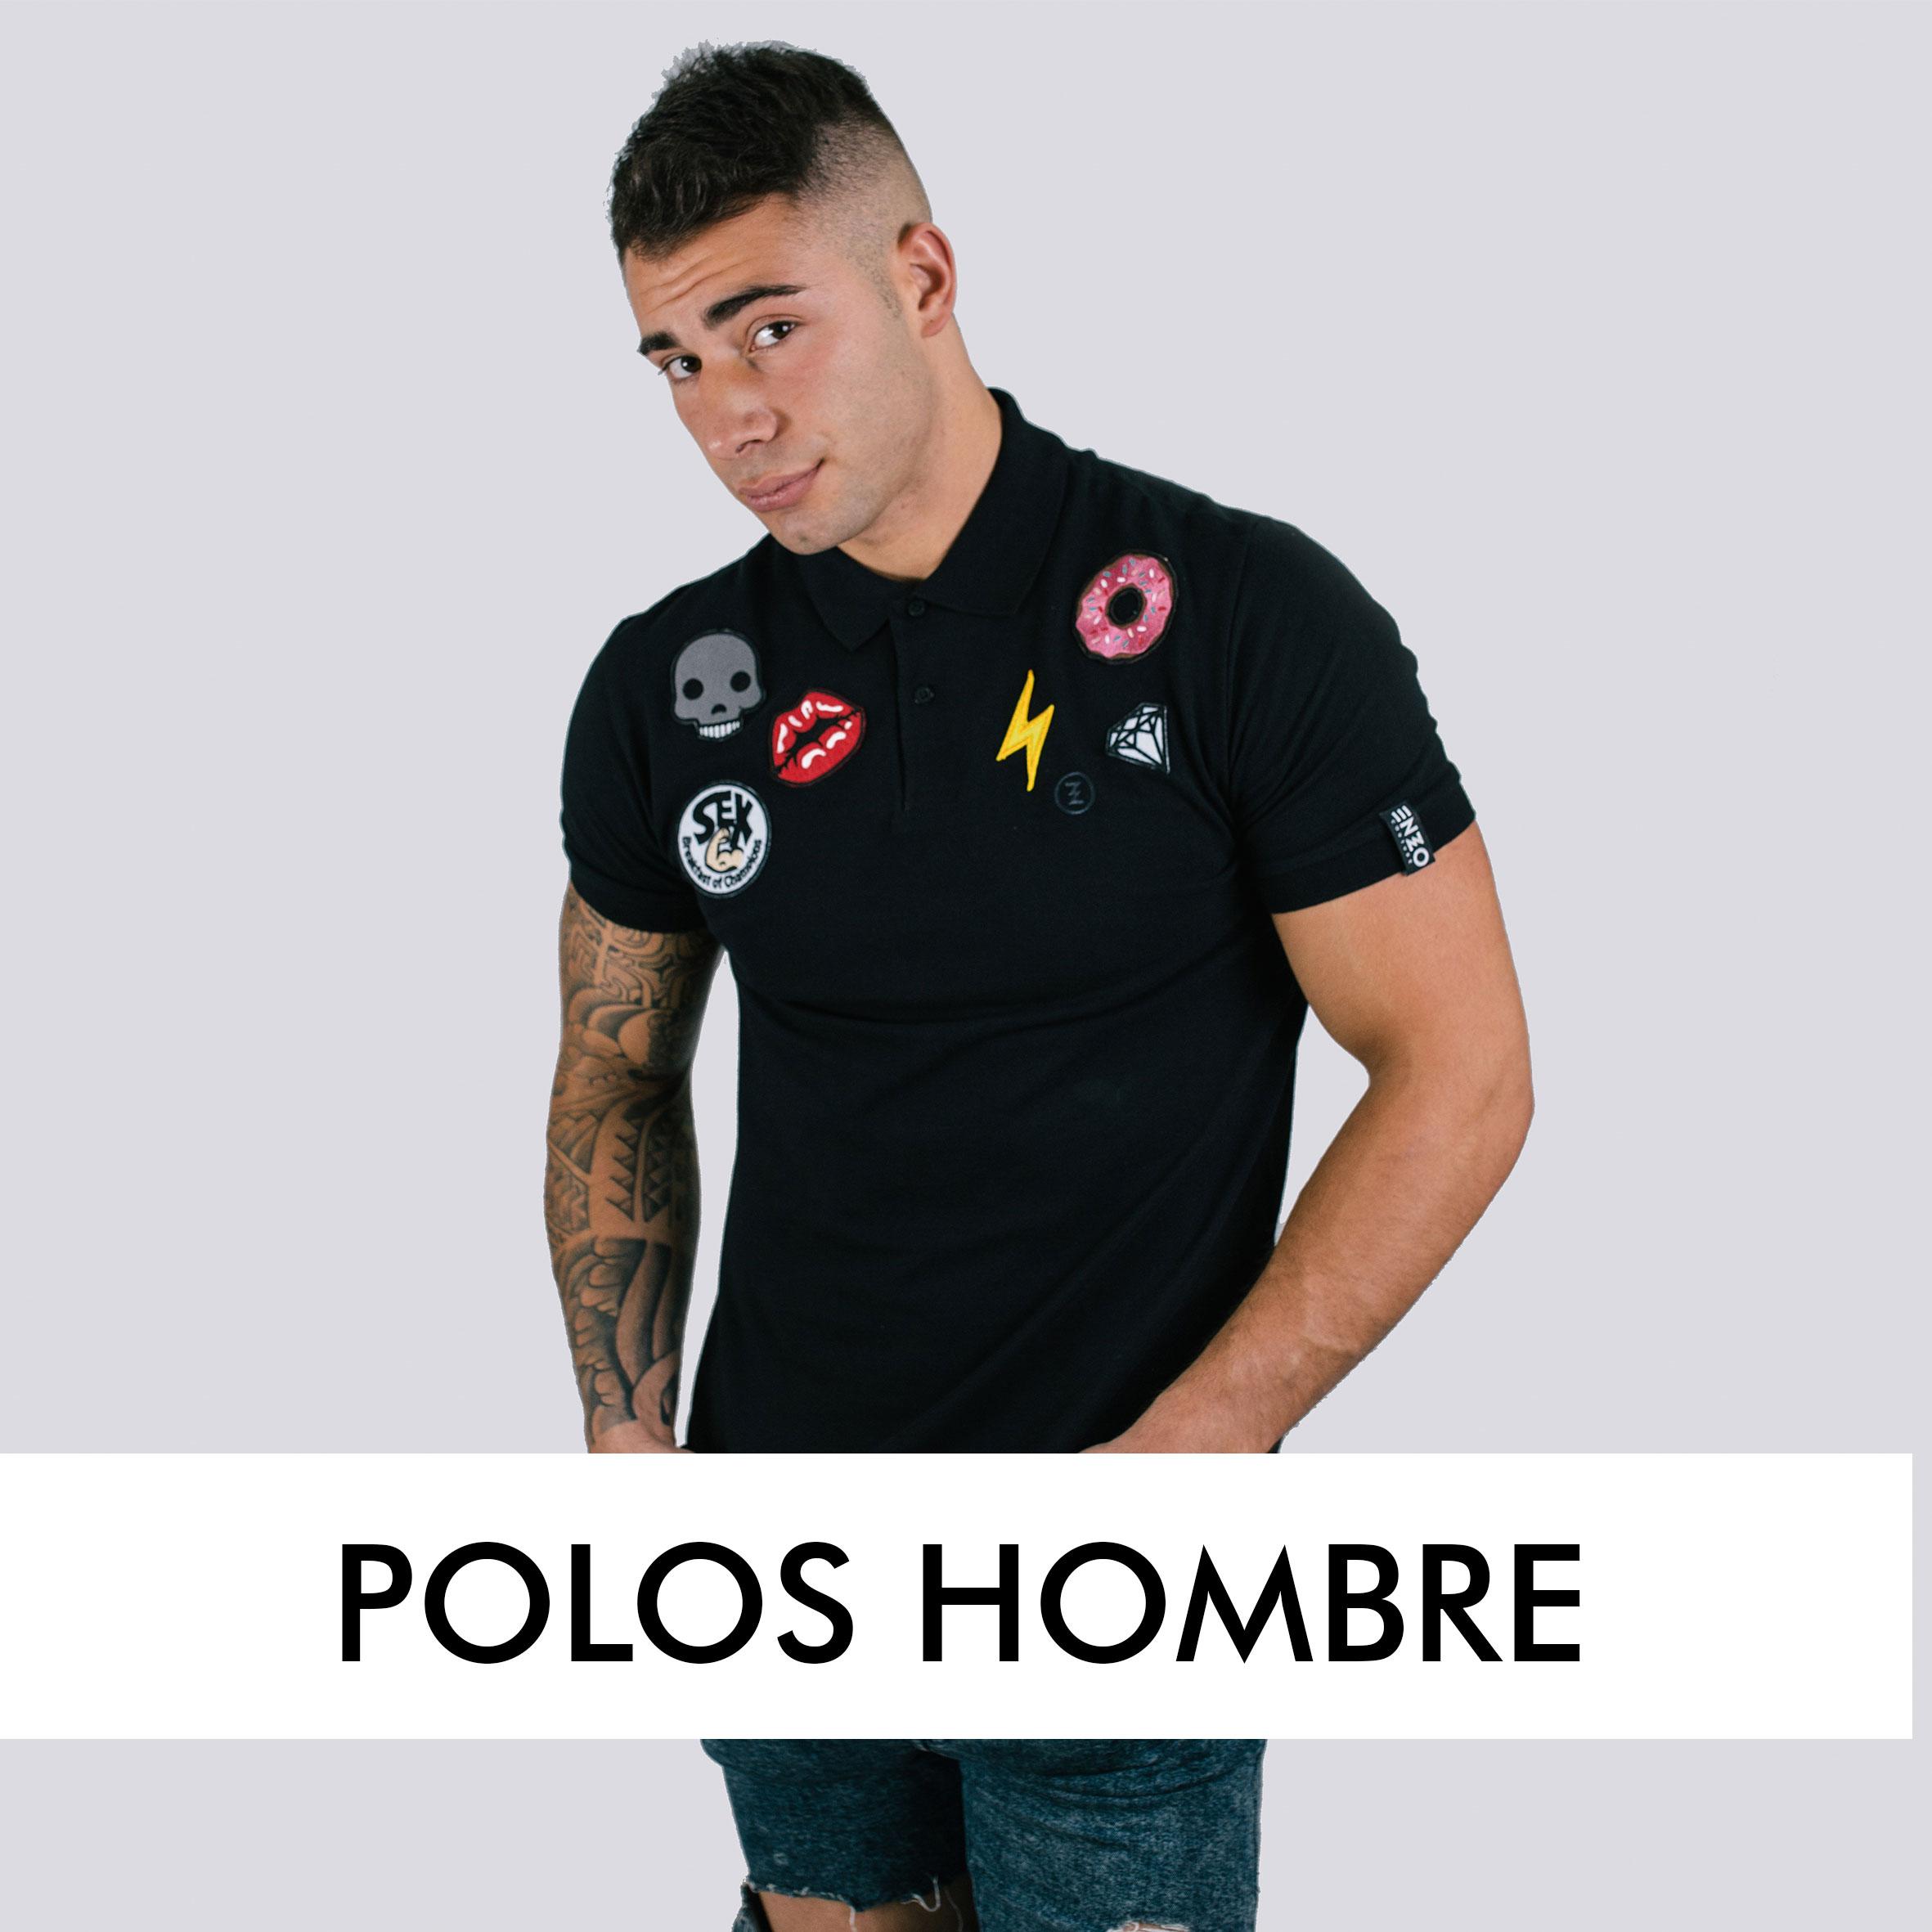 POLOS HOMBRE